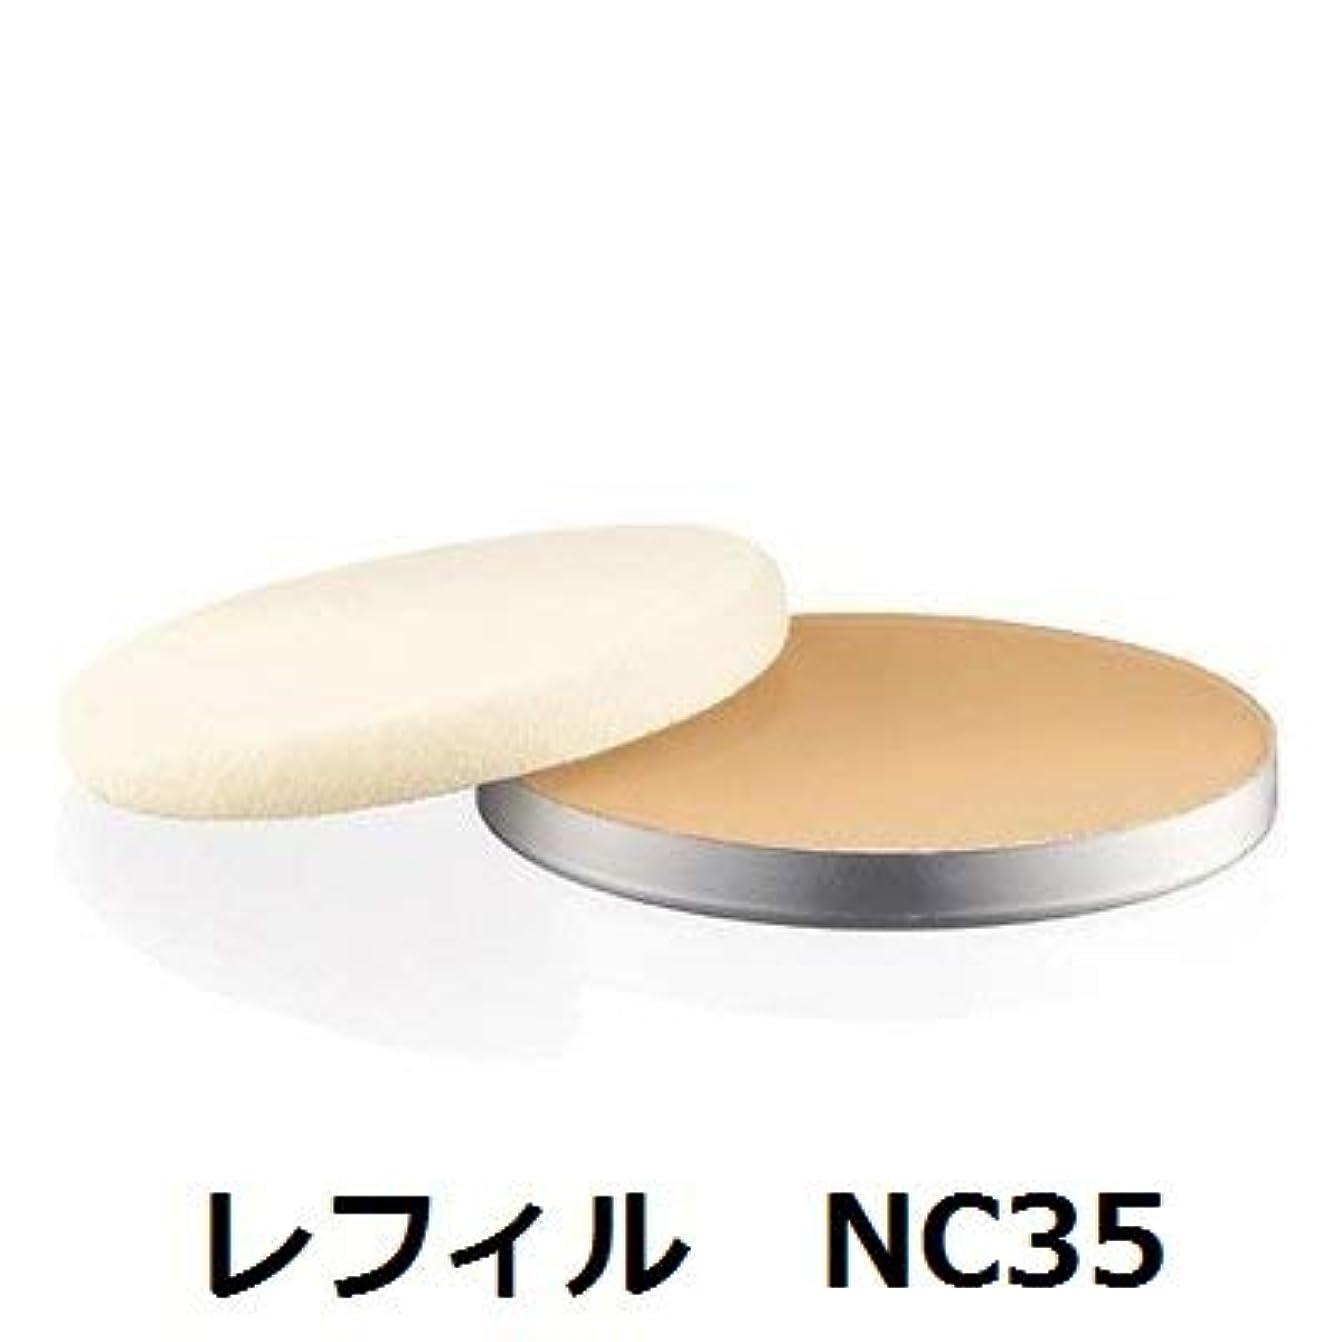 説教する十年ネックレットマック(MAC) ライトフルC+SPF 30ファンデーション レフィル #NC35 14g [並行輸入品]